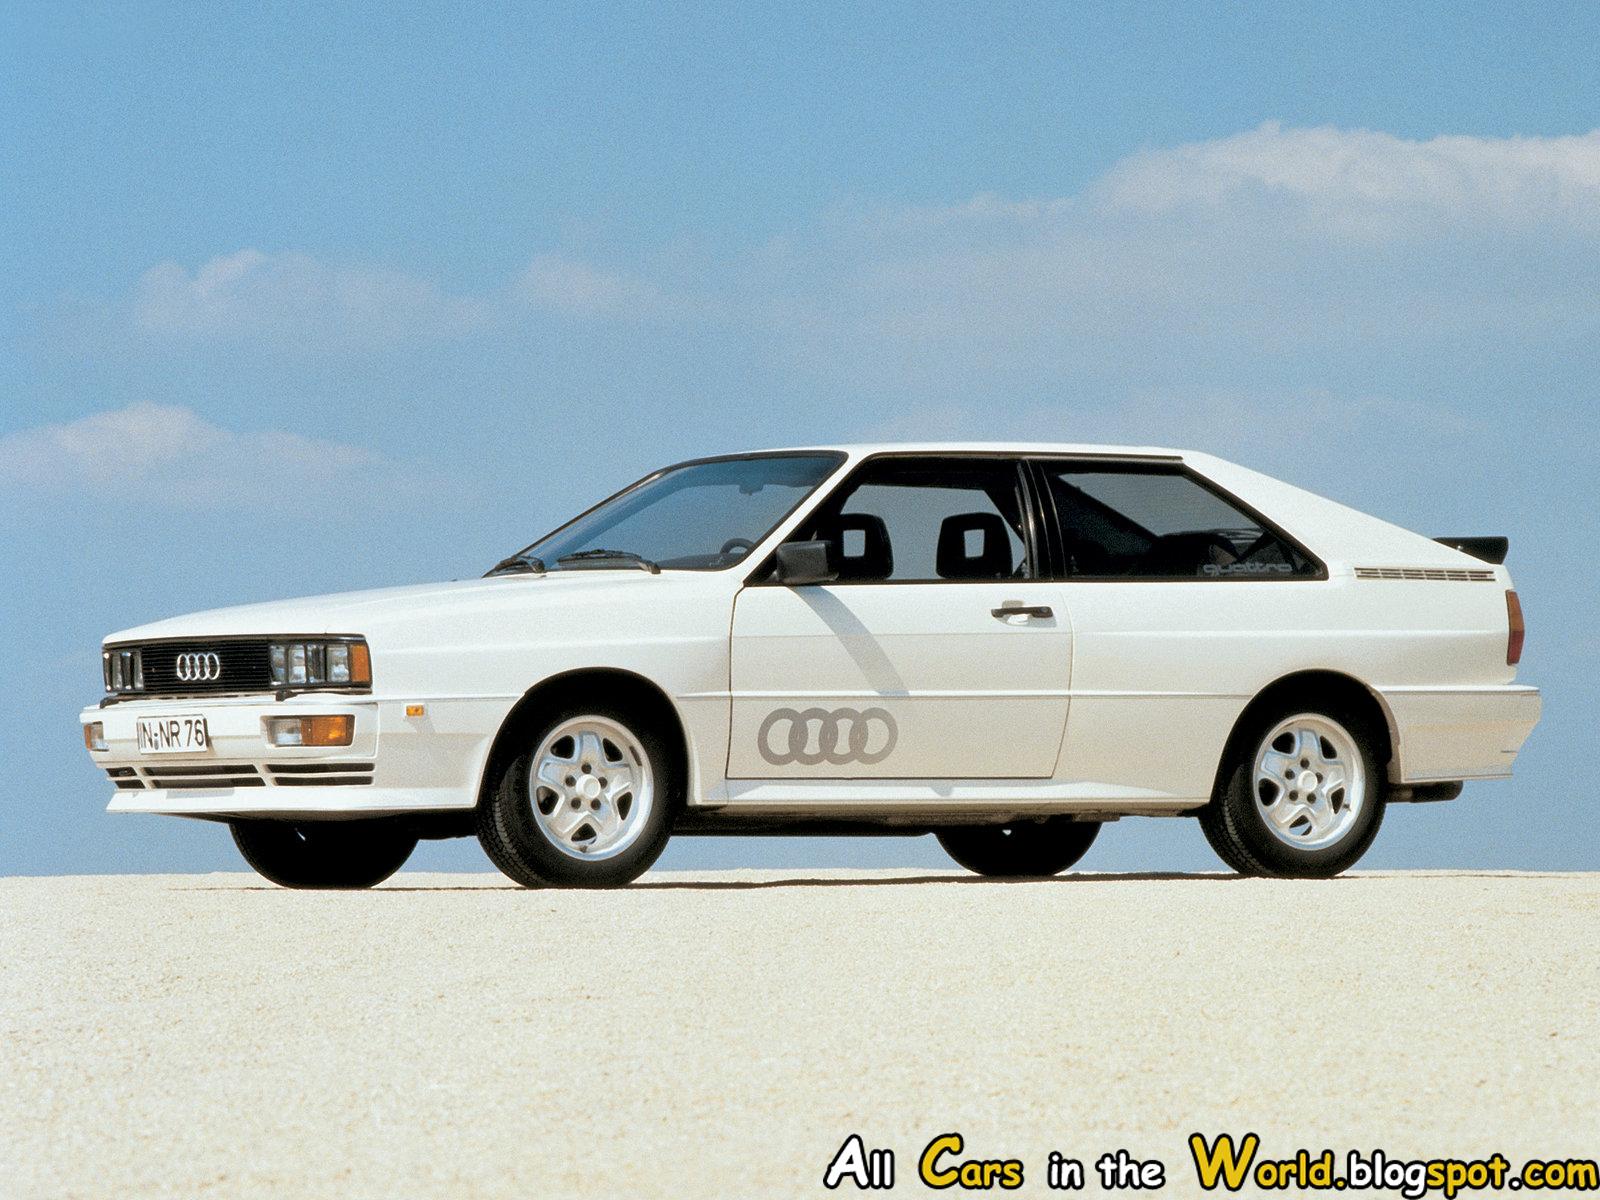 http://1.bp.blogspot.com/-fIjUbZA_whQ/UEzU2R5v1HI/AAAAAAAADIc/6NQj6rDwr9s/s1600/Audi-quattro_1980_1600x1200_wallpaper_02.jpg